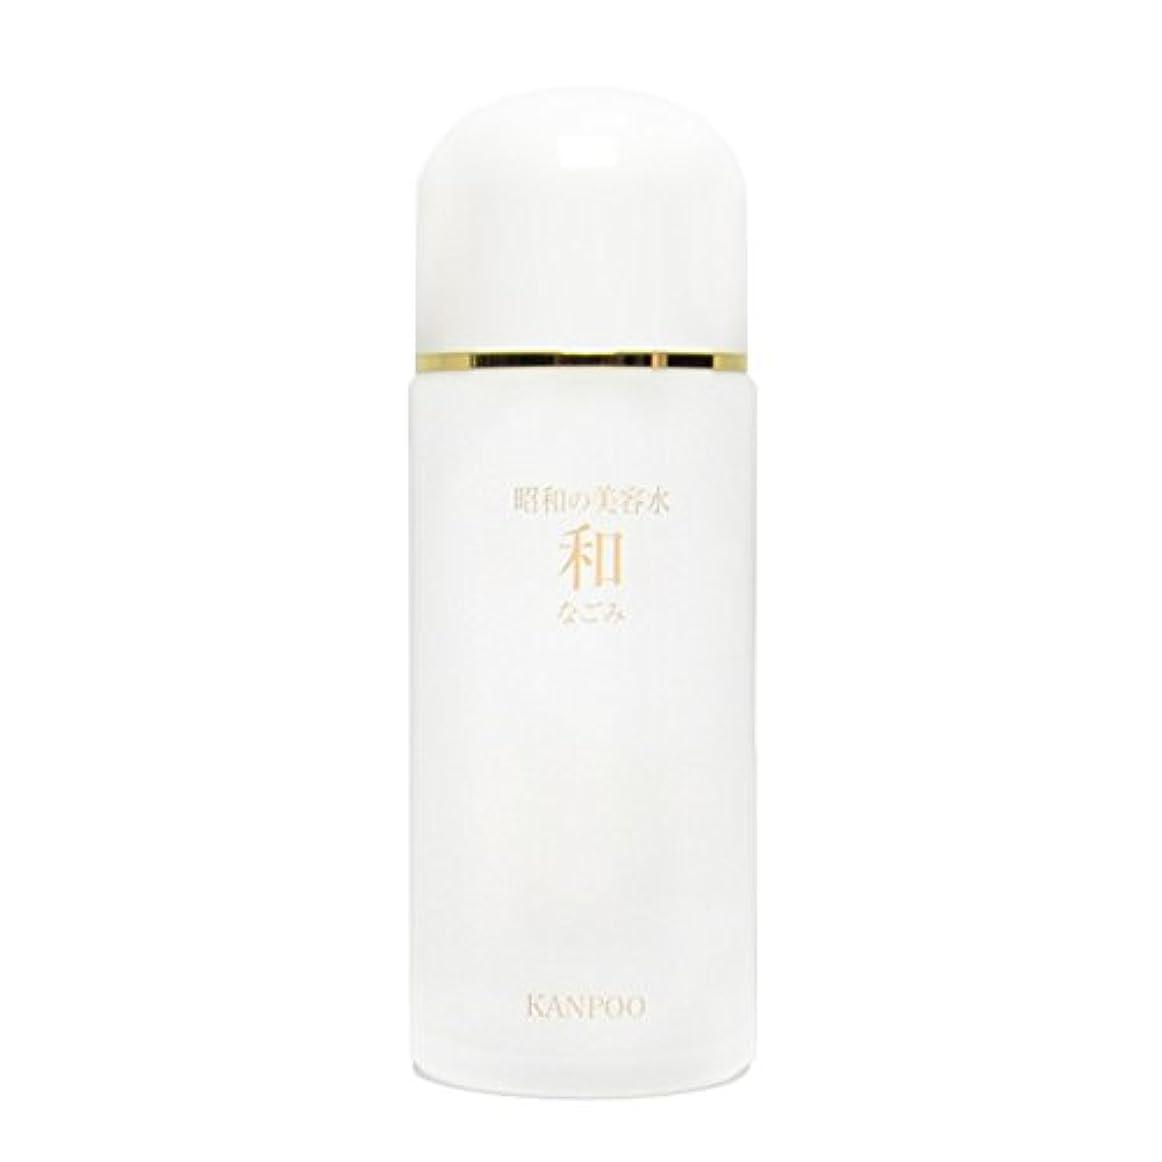 妖精旅うめき潤いコンディショニング美容水 和(なごみ) [化粧水]